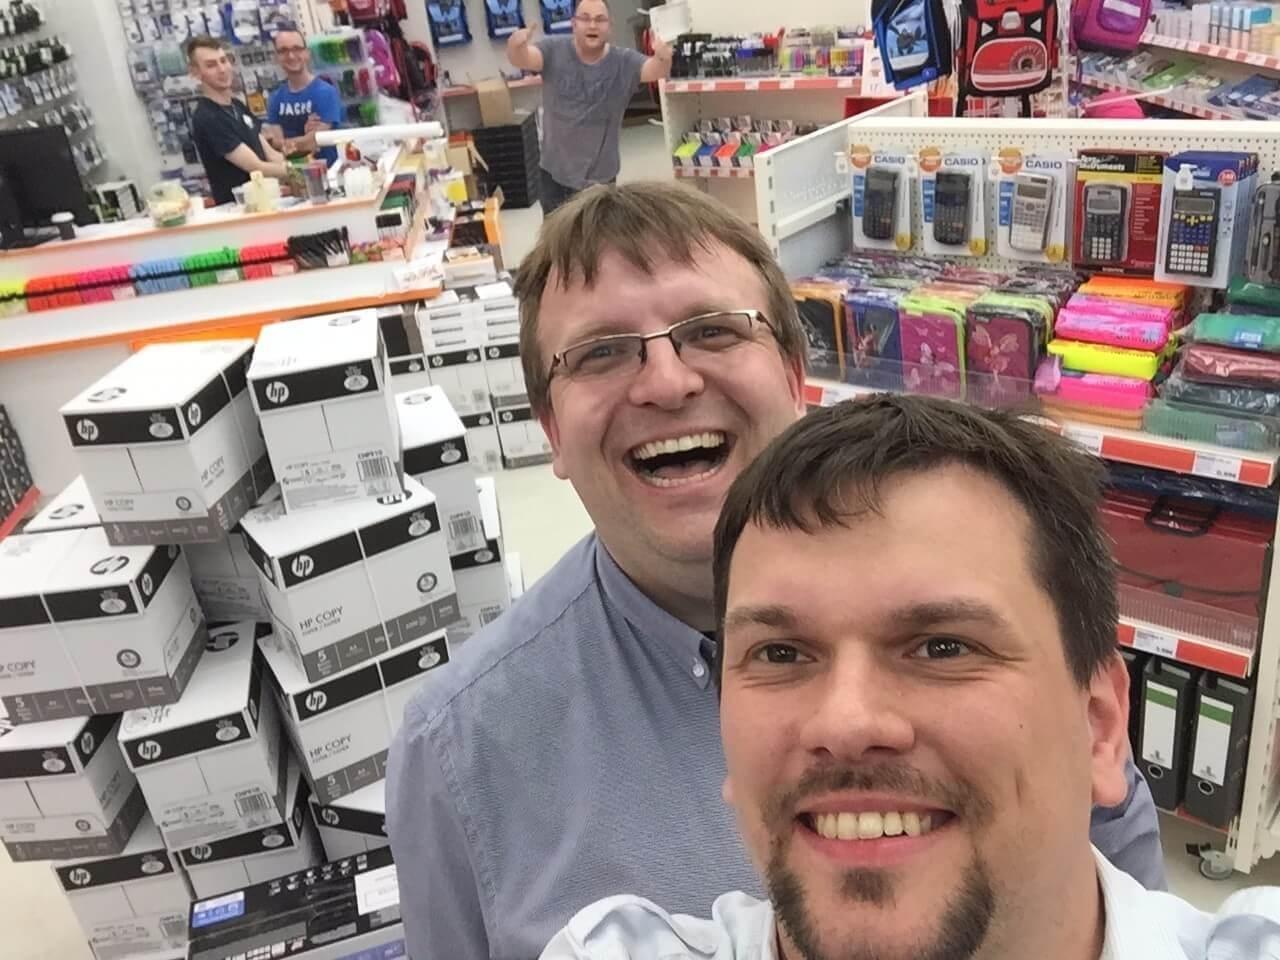 Die Chefs grinsen in das Selfie-Foto.